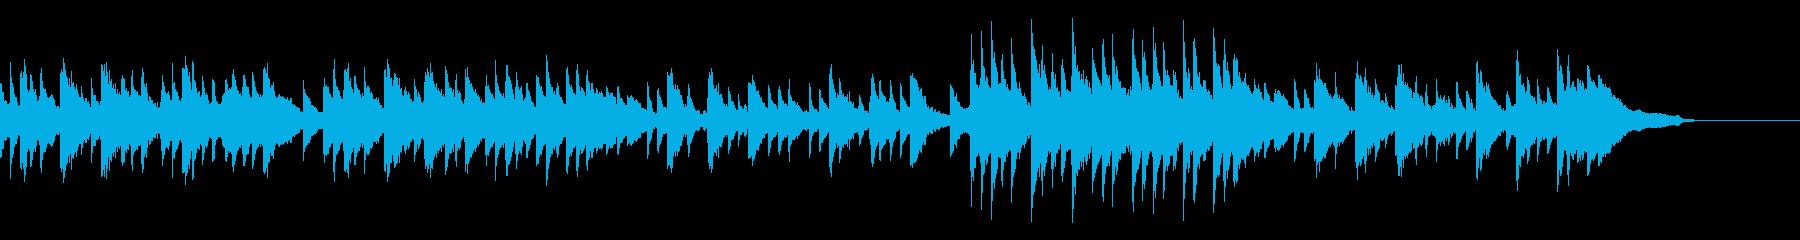 優しいピアノの曲の再生済みの波形